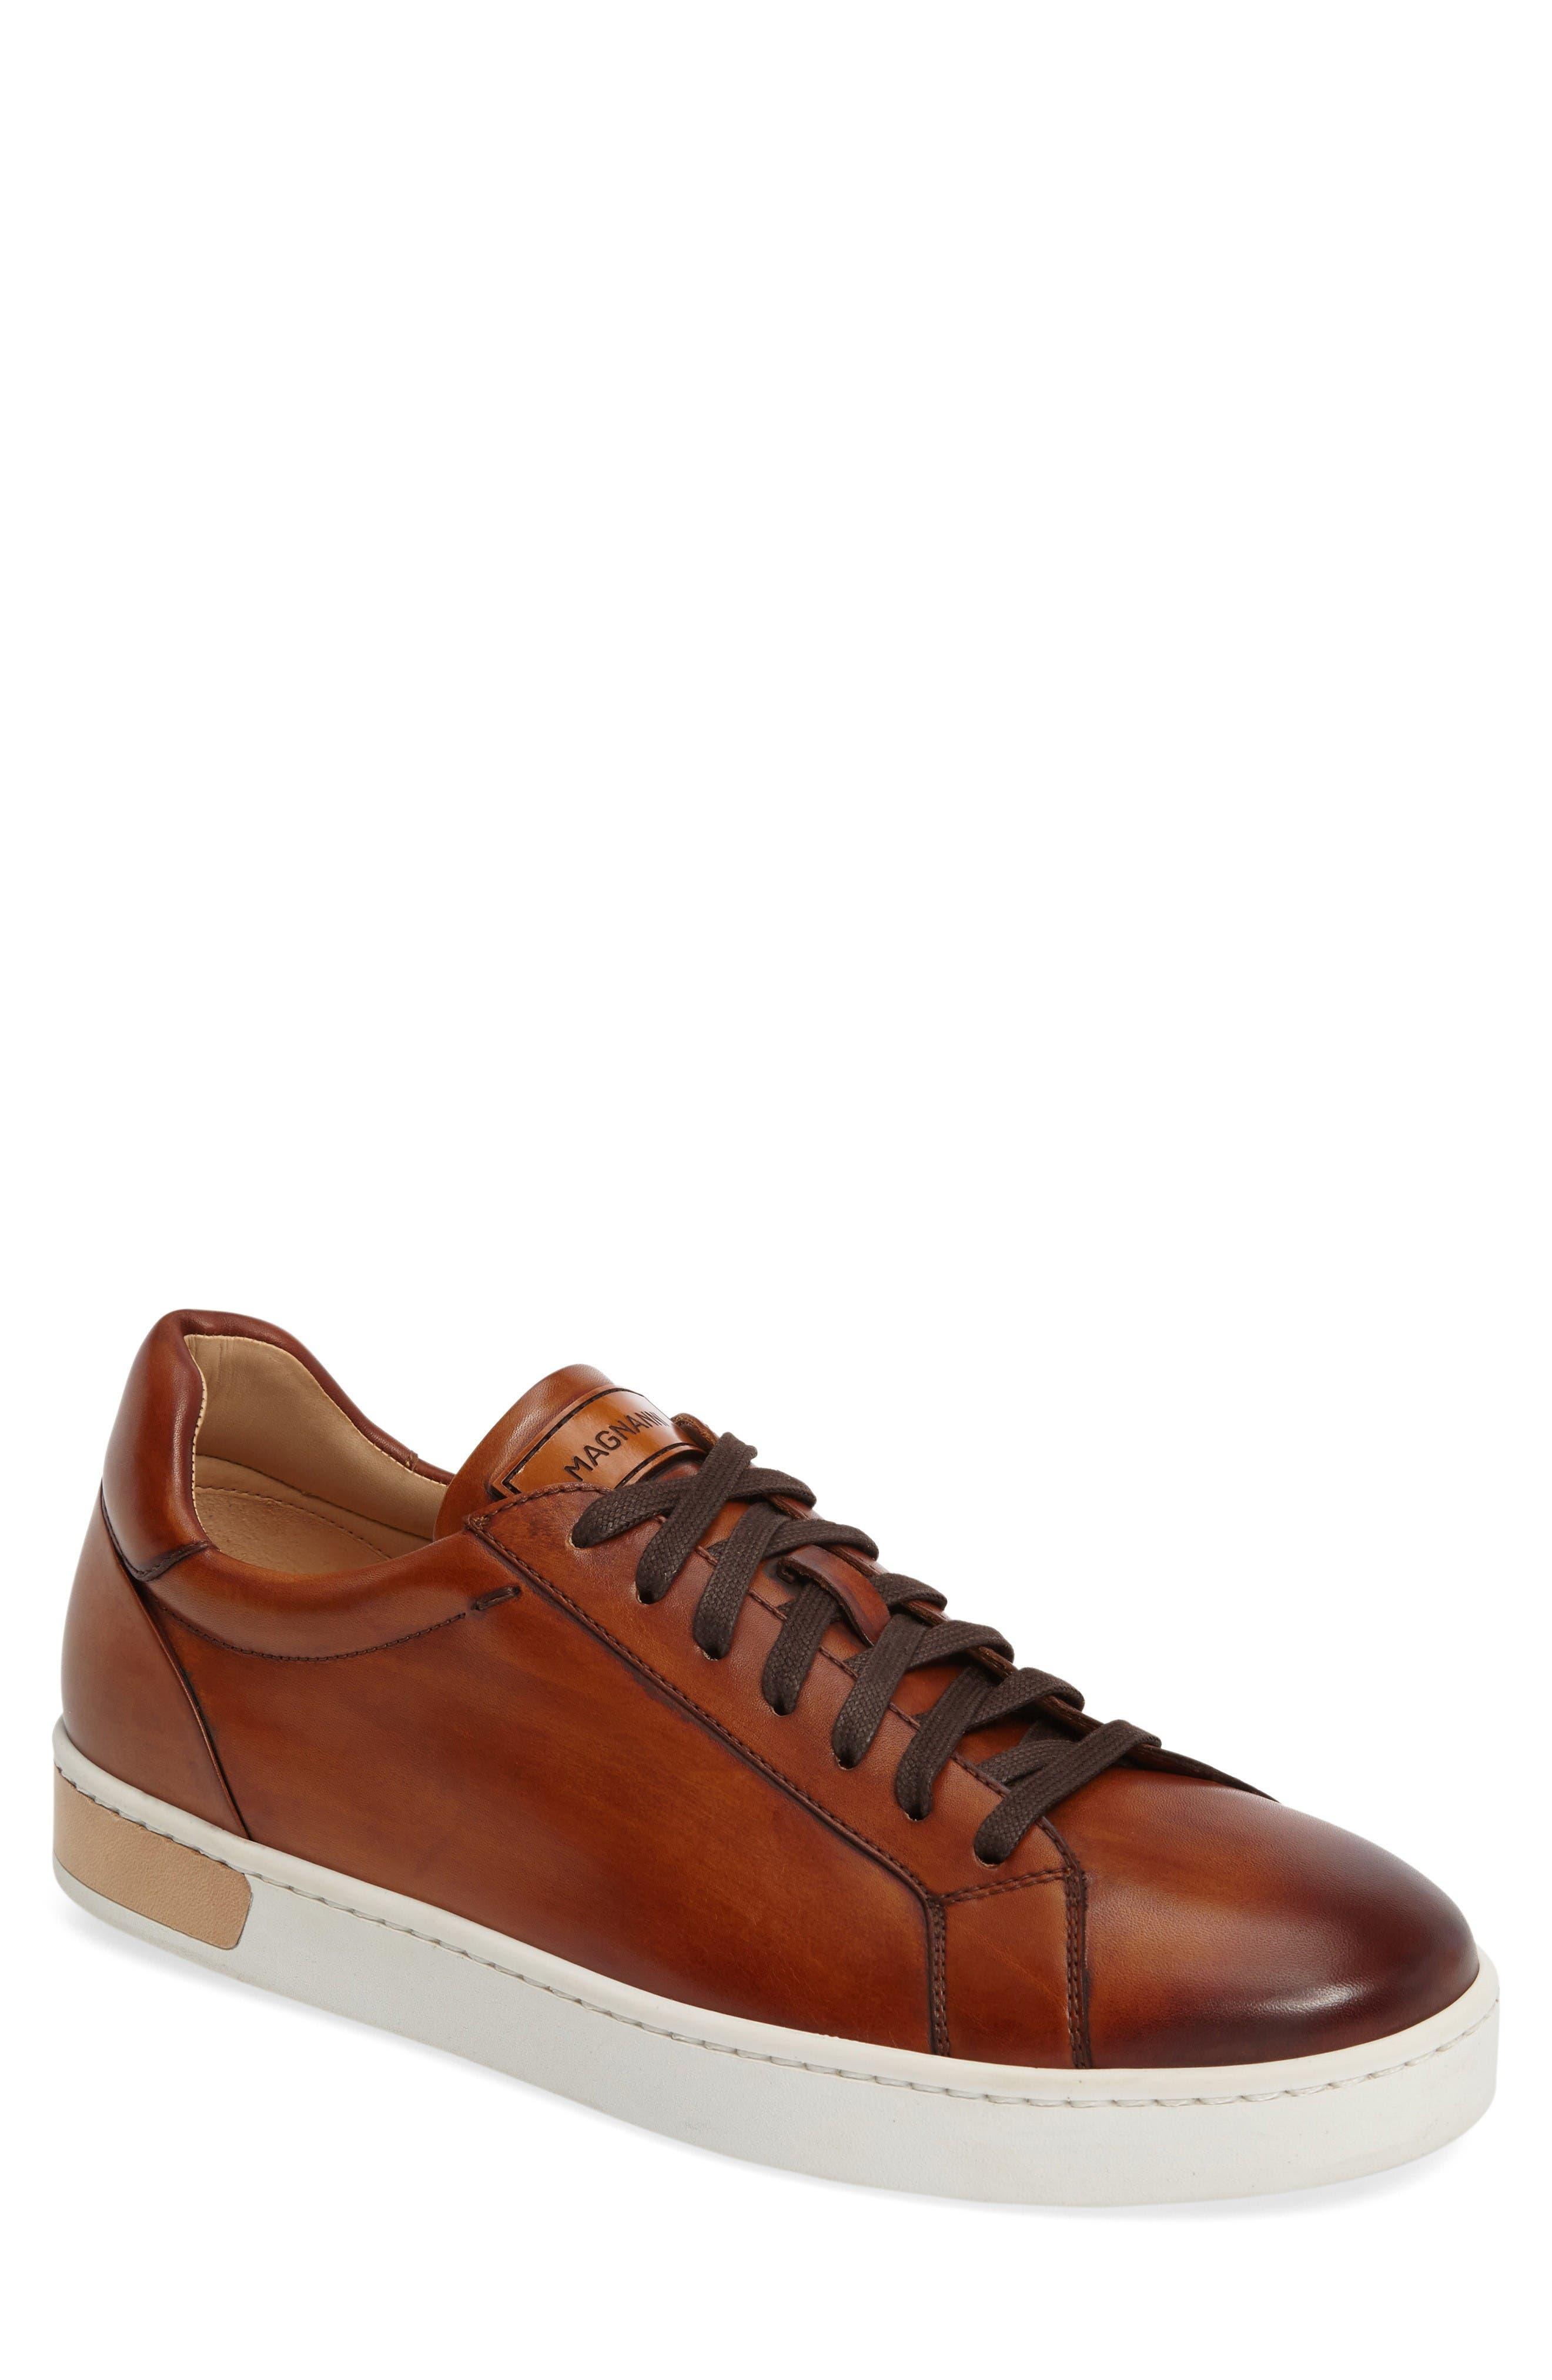 Magnanni Caballero Sneaker (Men)